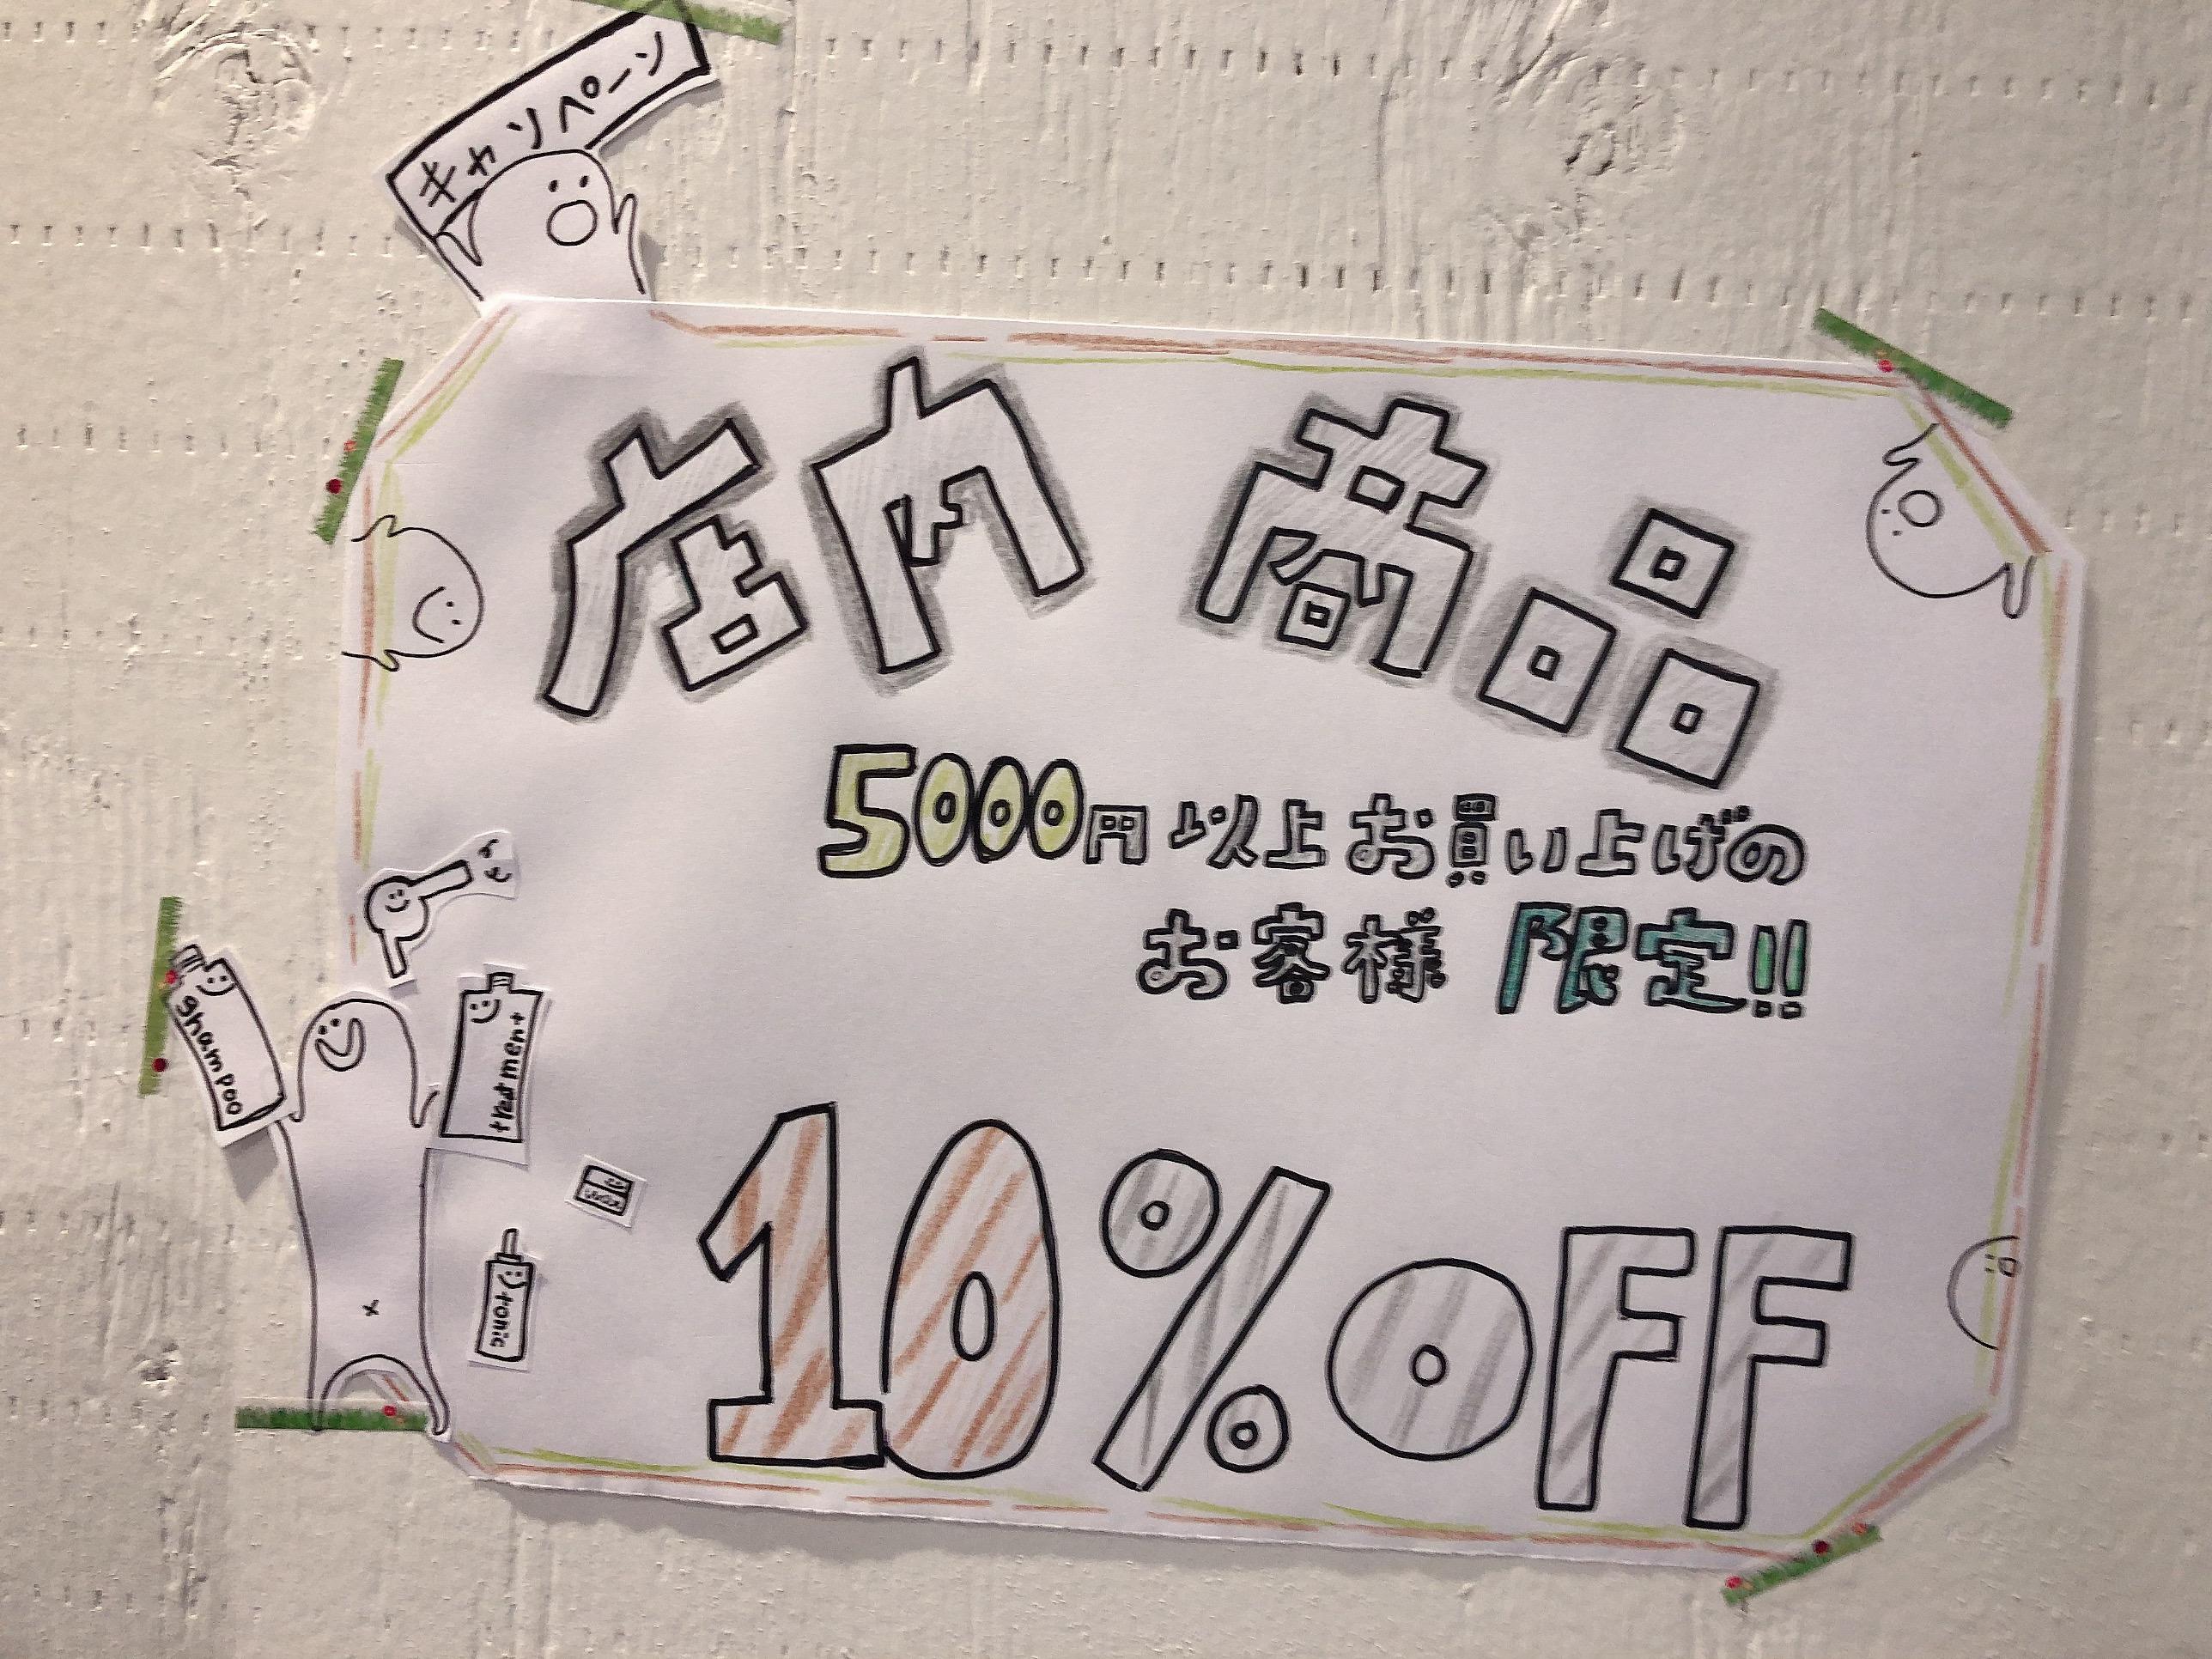 大感謝祭のお知らせ 堺市初芝リファドライヤー オッジィオット オーガニックノート レドキシングキャンペーン